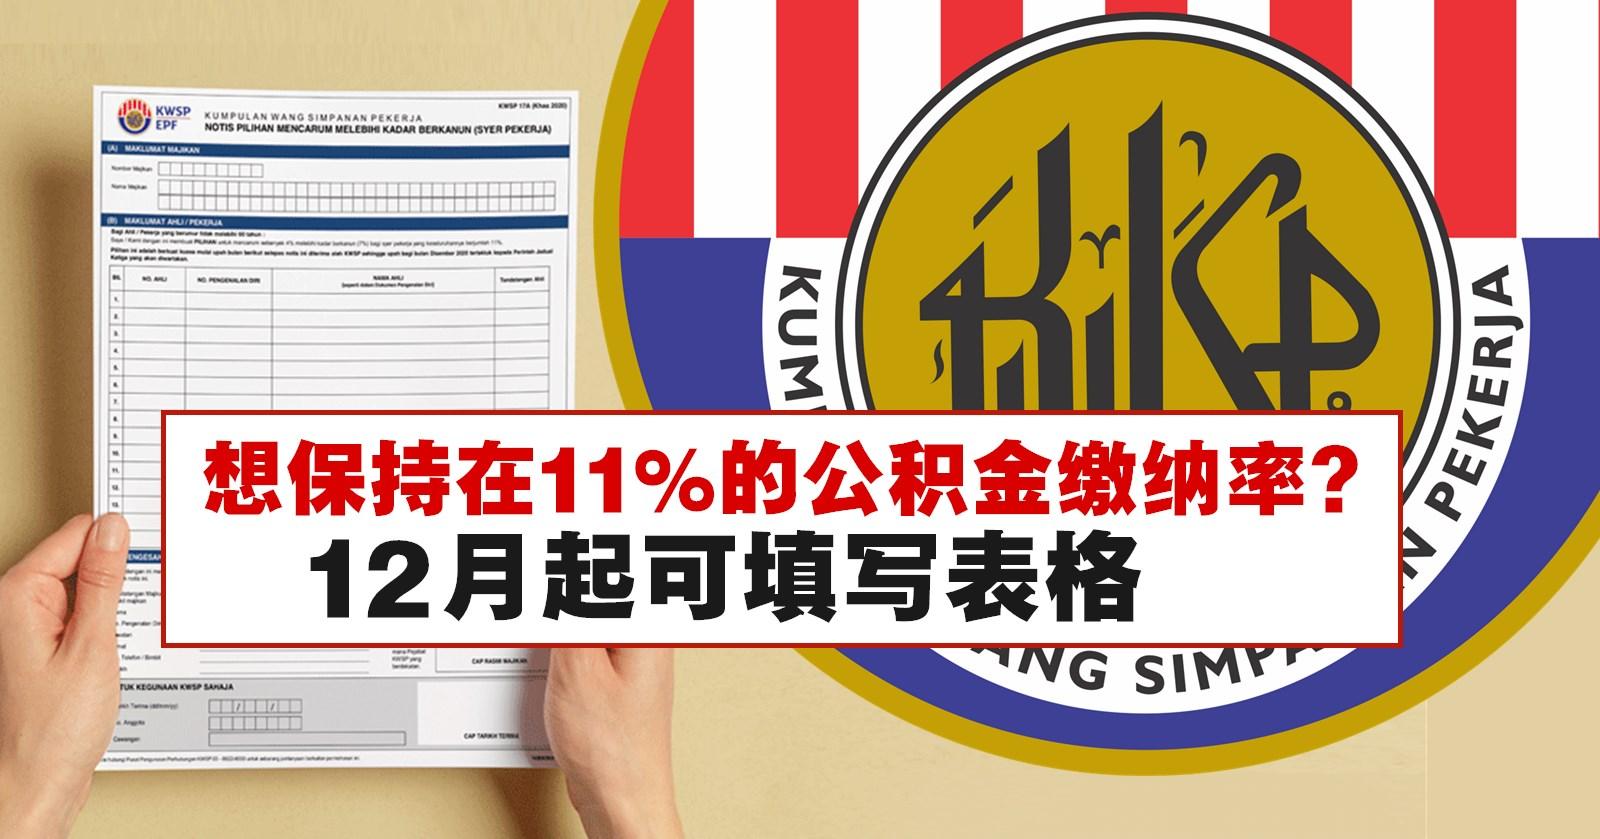 想保持在11%的公积金缴纳率?12月起可填写表格